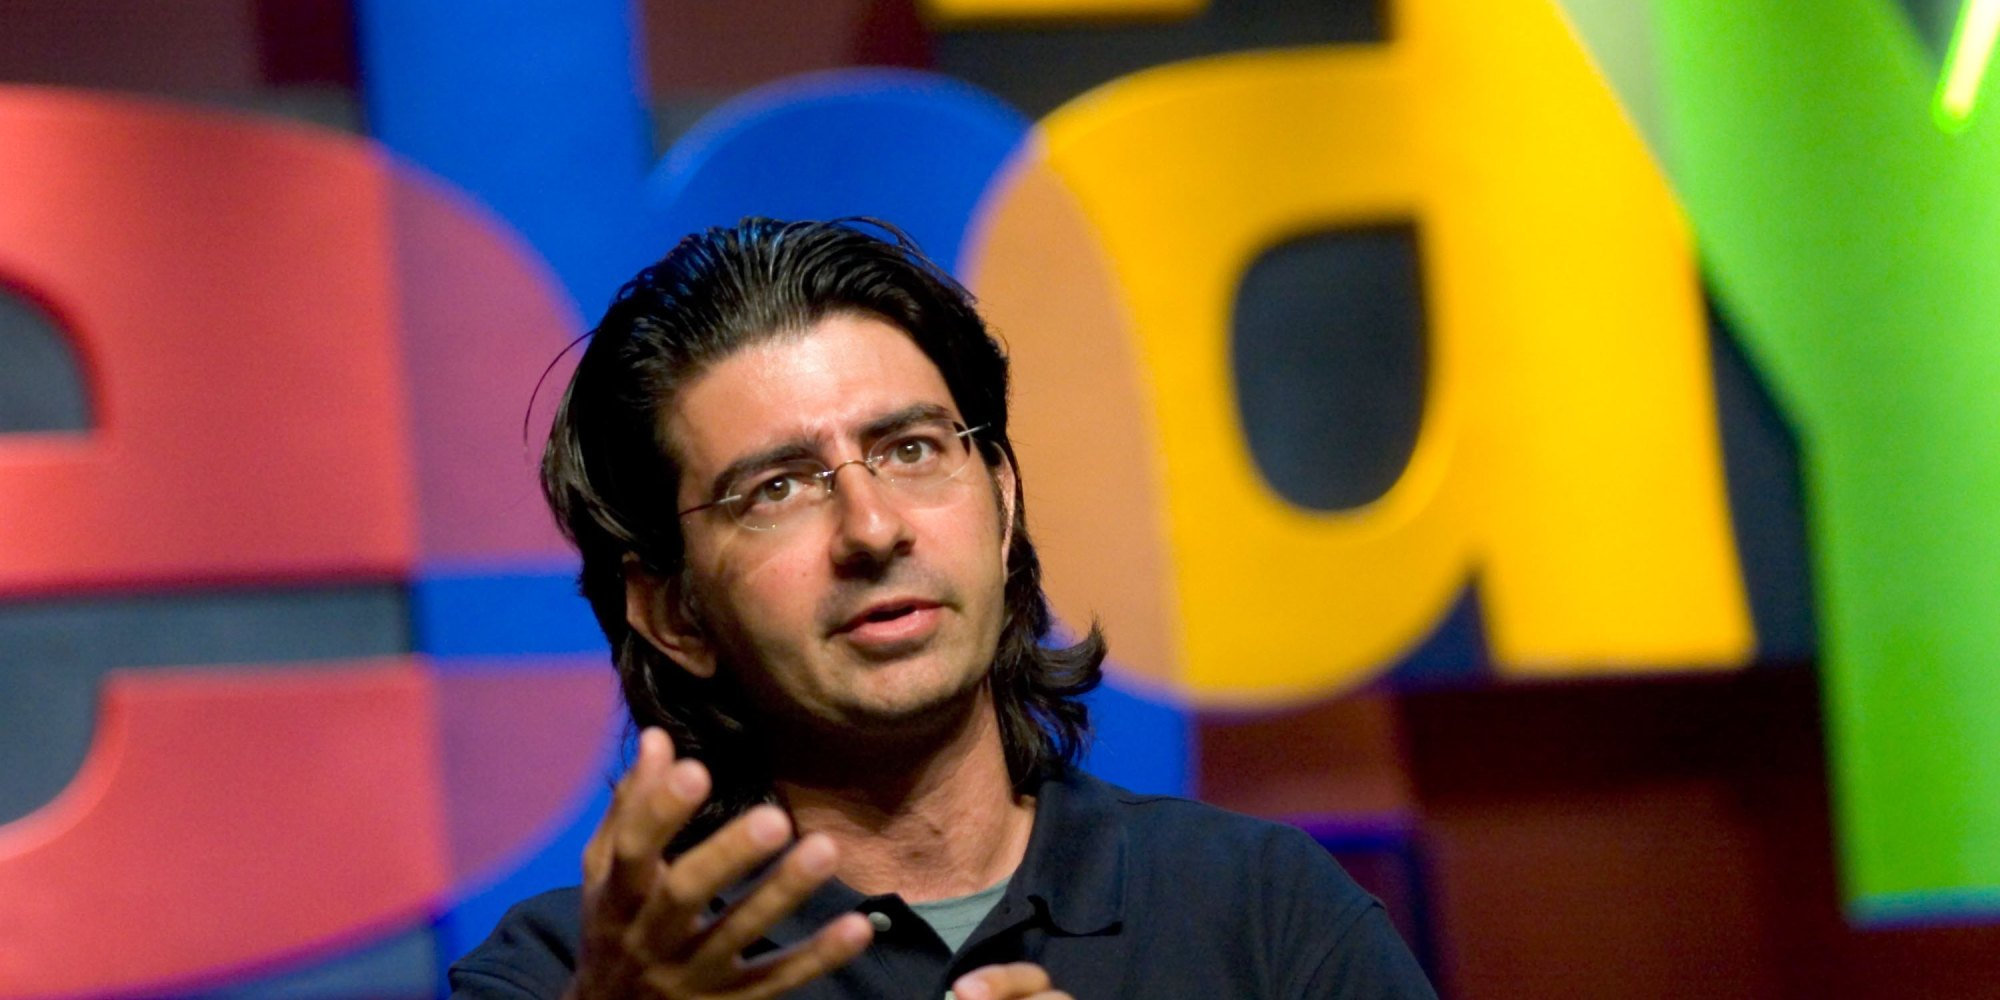 ebay founder